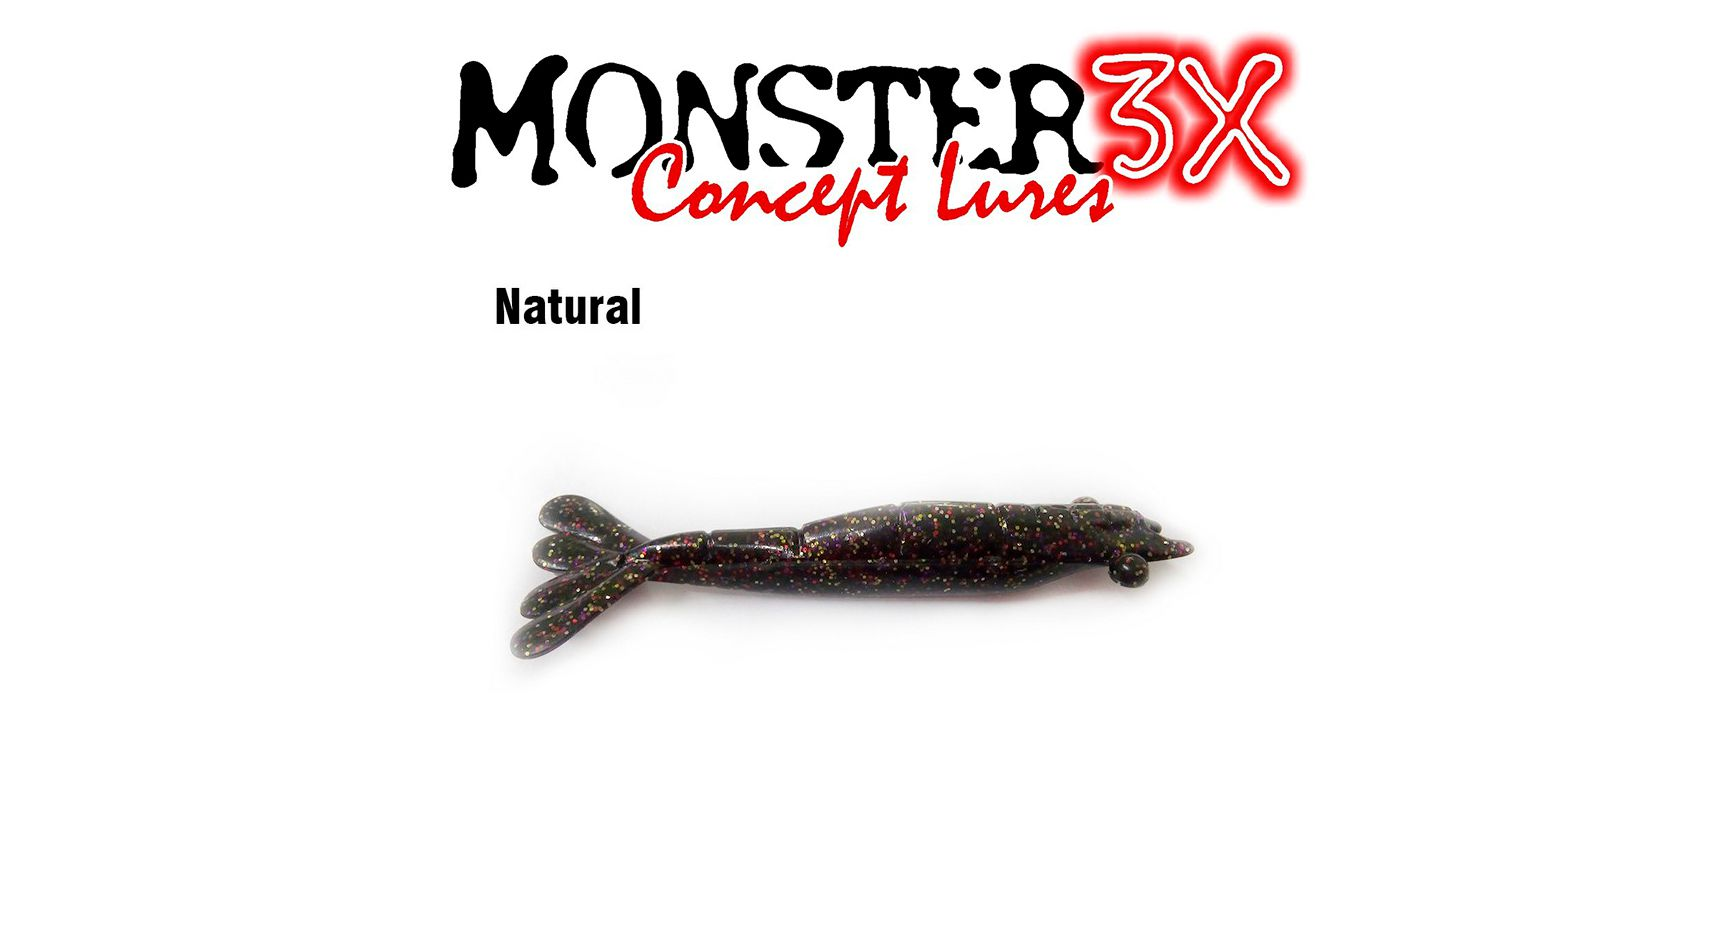 Isca Artificial Soft Monster 3X Ultra Soft (9cm) 3 Unidades - Várias Cores  - Life Pesca - Sua loja de Pesca, Camping e Lazer